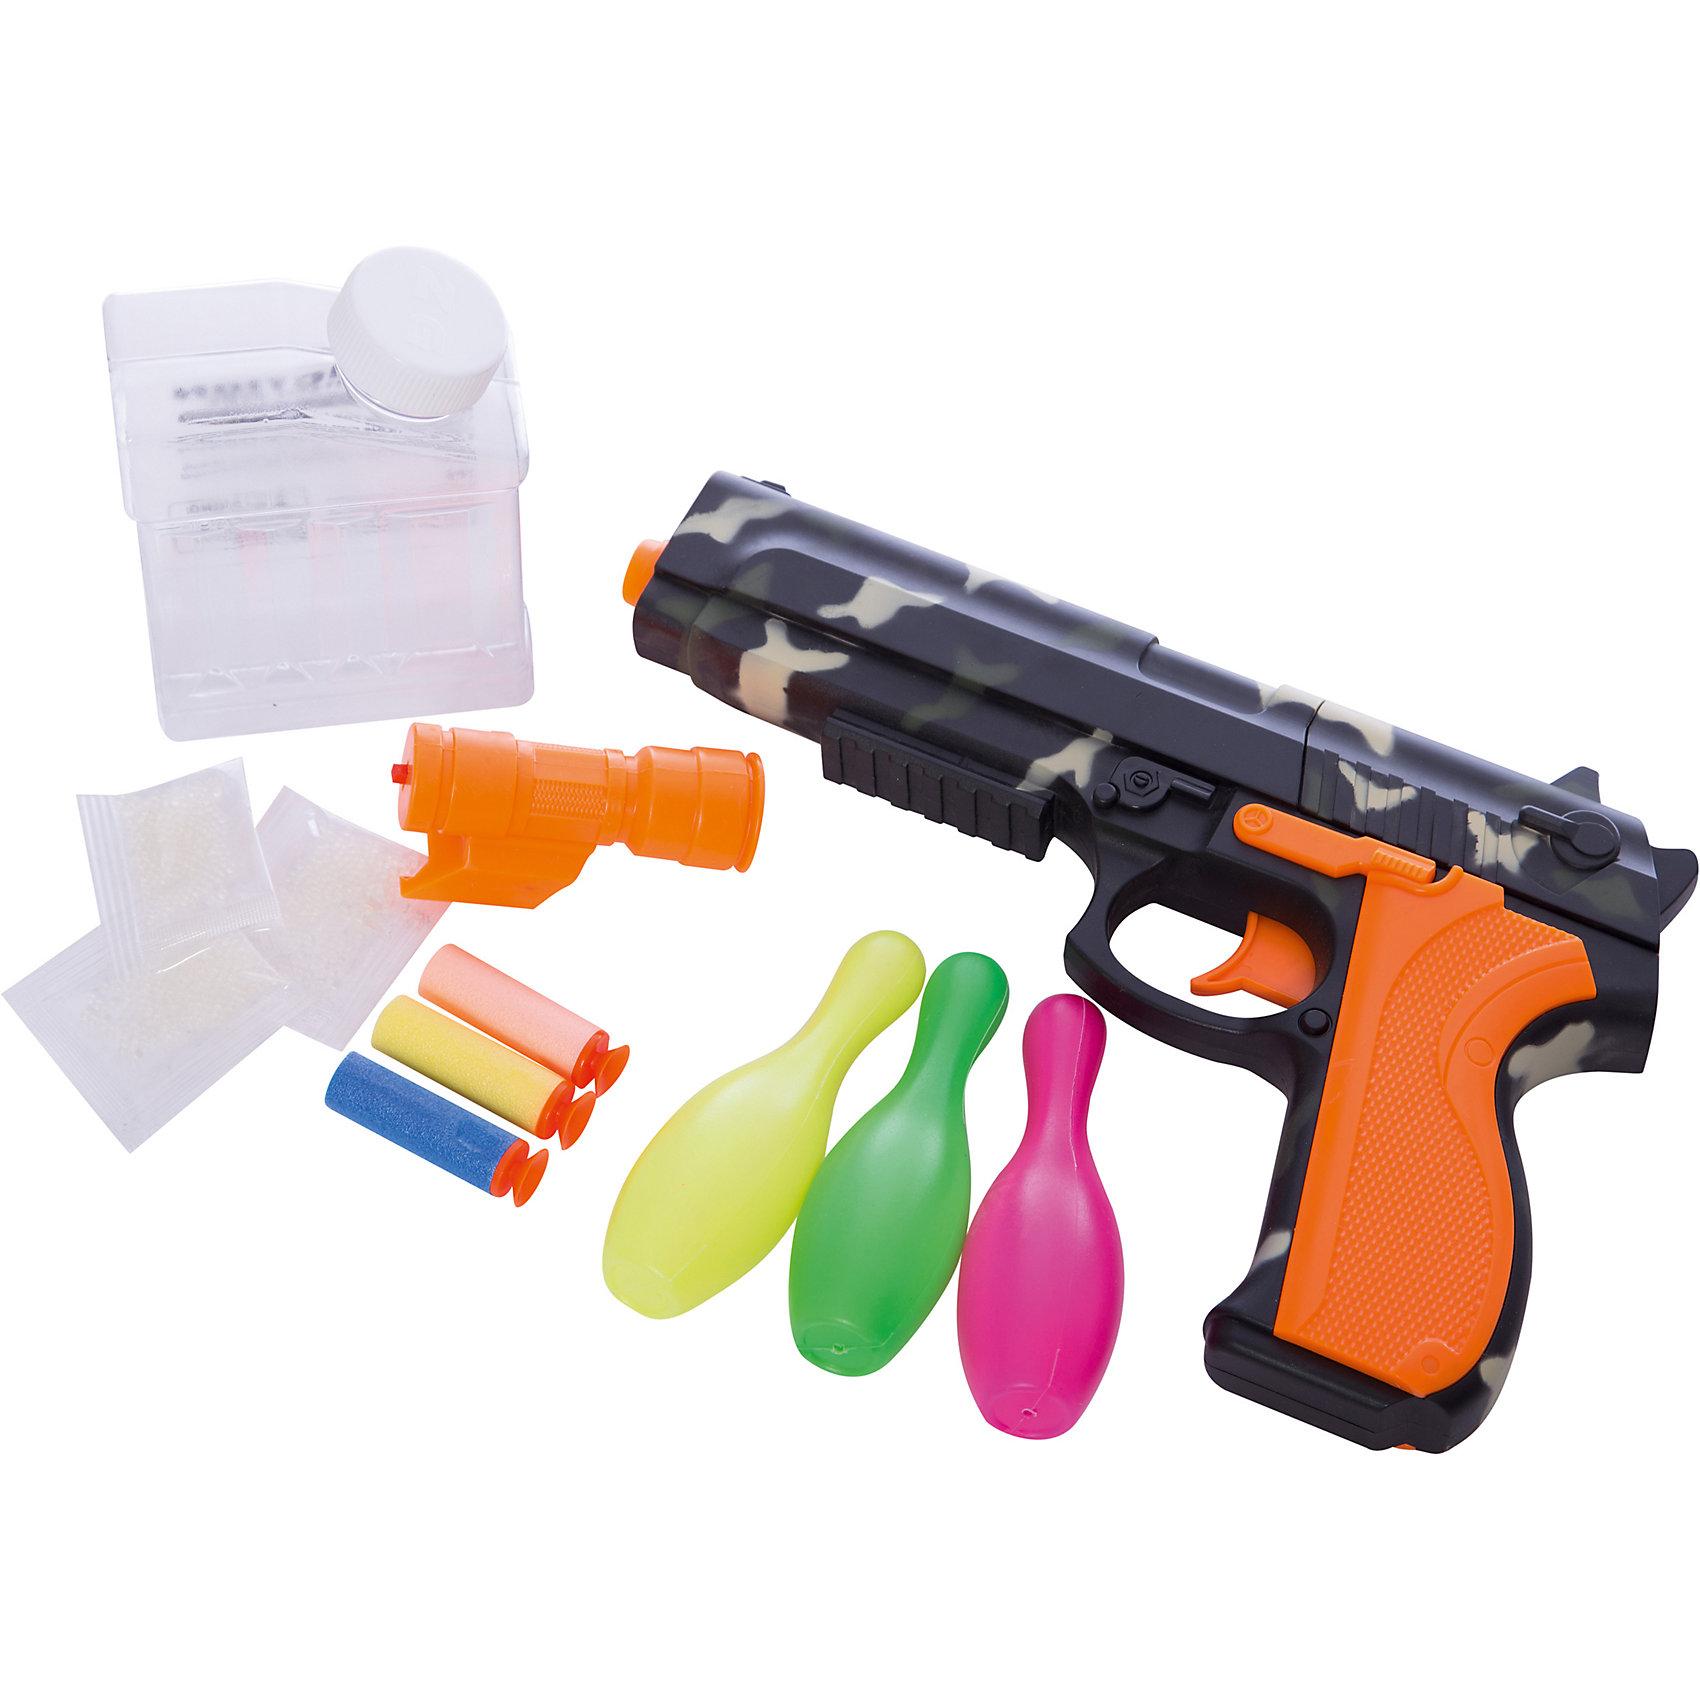 Игрушка детская Пистолет с мягкими шарикамиСюжетно-ролевые игры<br>Игрушечный пистолет торговой марки  Yako стреляет мягкими гелевыми шариками  и дротиками Nerf. Этот универсальный автомат снабжен взводным механизмом и имеет прицельную дальность стрельбы 8-12 метров, в зависимости от типа используемых зарядов. В набор входят набор дротиков, съемный прицел с фонариком, кегли-мишени и сухие гелевые шарики, которые перед использованием  нужно поместить в емкость с водой,. С такой игрушкой ребенок почувствует себя настоящим бойцом. Но пистолет довольно грозное оружие, поэтому его игрушечная копия не рекомендуется детям младше 14 лет.<br><br>Дополнительная информация: <br><br>- возраст: от 14 лет<br>- пол: для мальчиков<br>- комплект: пистолет, сухие шарики, дротики, ёмкость для шариков, прицел с фонариком, кегли.<br>- дальность действия: 8-12 м.<br>- материал: пластик, резина.<br>- размер упаковки: 30 x 24 x 7 см.<br>- упаковка: картонная коробка открытого типа.<br><br>Игрушку детскую Пистолет с мягкими шариками  можно купить в нашем интернет-магазине.<br><br>Ширина мм: 250<br>Глубина мм: 630<br>Высота мм: 400<br>Вес г: 514<br>Возраст от месяцев: 168<br>Возраст до месяцев: 2147483647<br>Пол: Унисекс<br>Возраст: Детский<br>SKU: 4904808